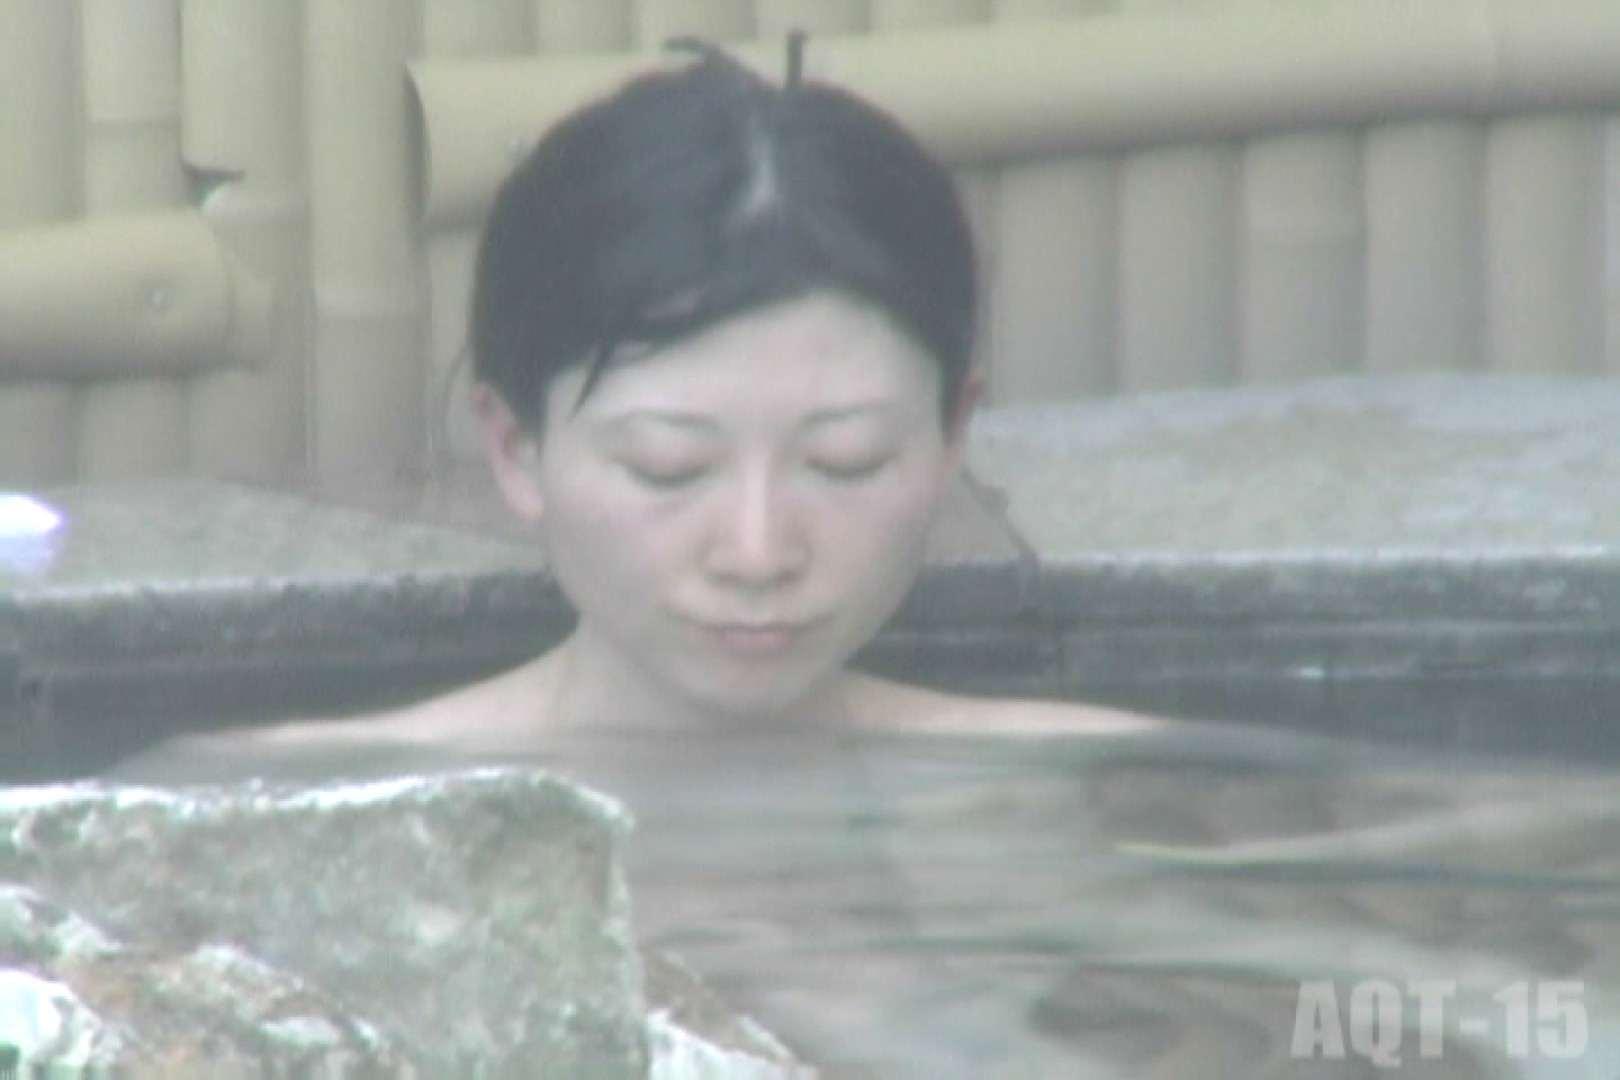 Aquaな露天風呂Vol.835 盗撮シリーズ  92PIX 40